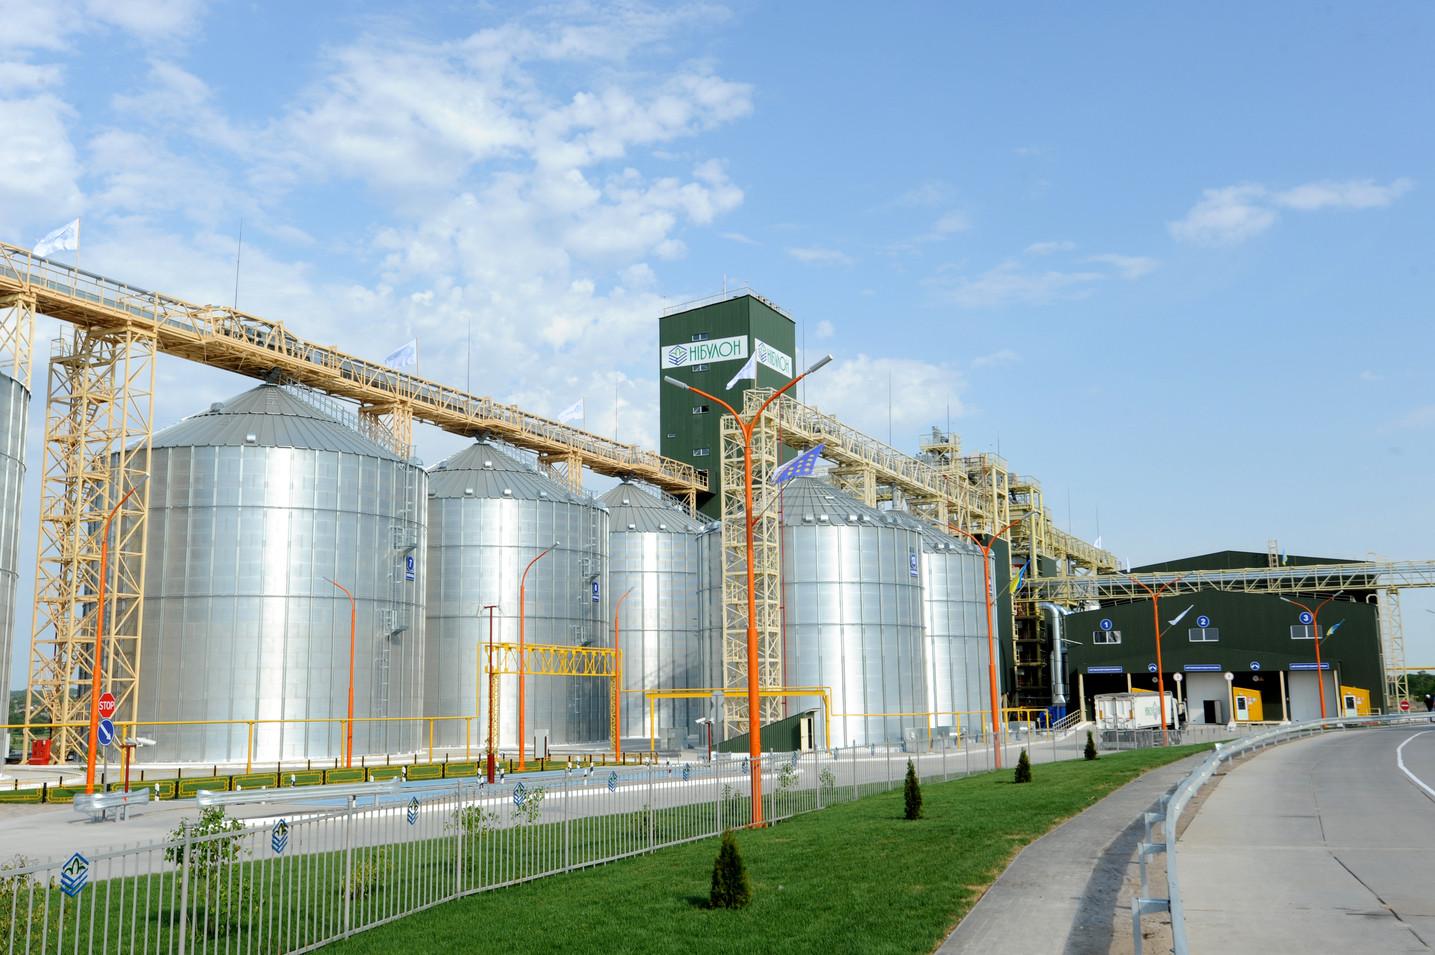 Новий перевантажувальний термінал в с. Марянське Апостолівського району Дніпропетровської області